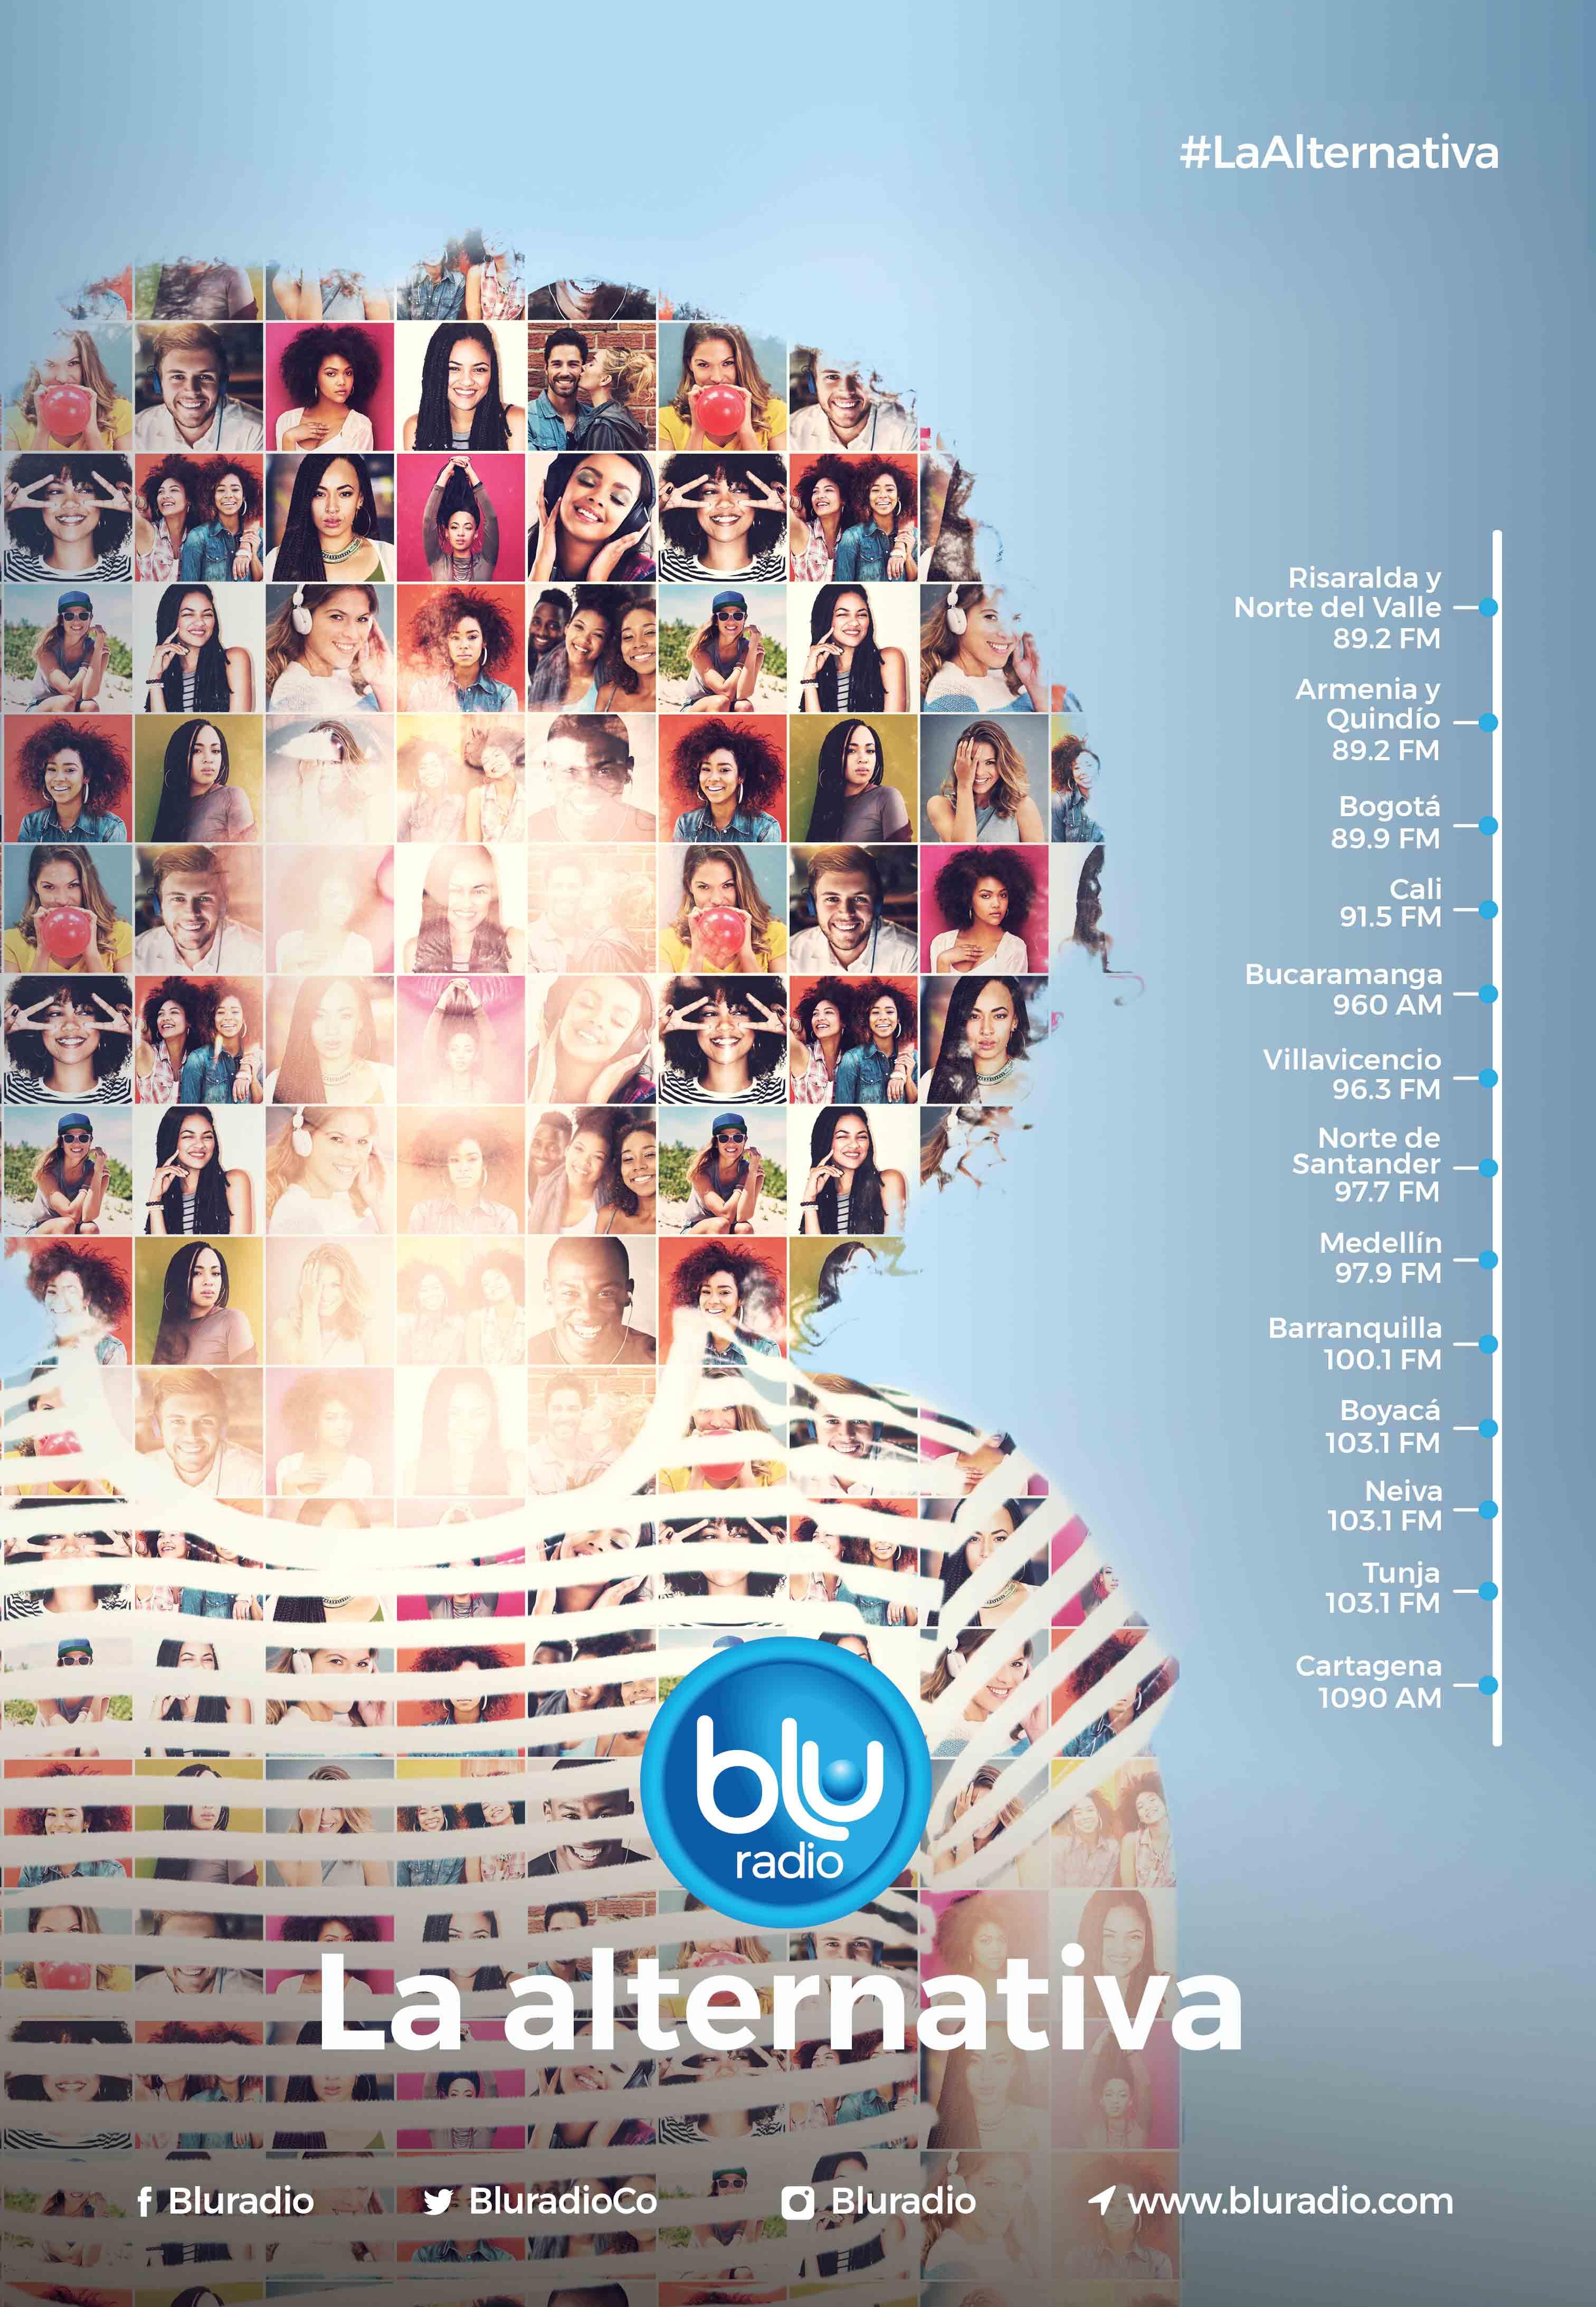 Blu Radio renueva su slogan y desde ahora será: Blu Radio, la alternativa